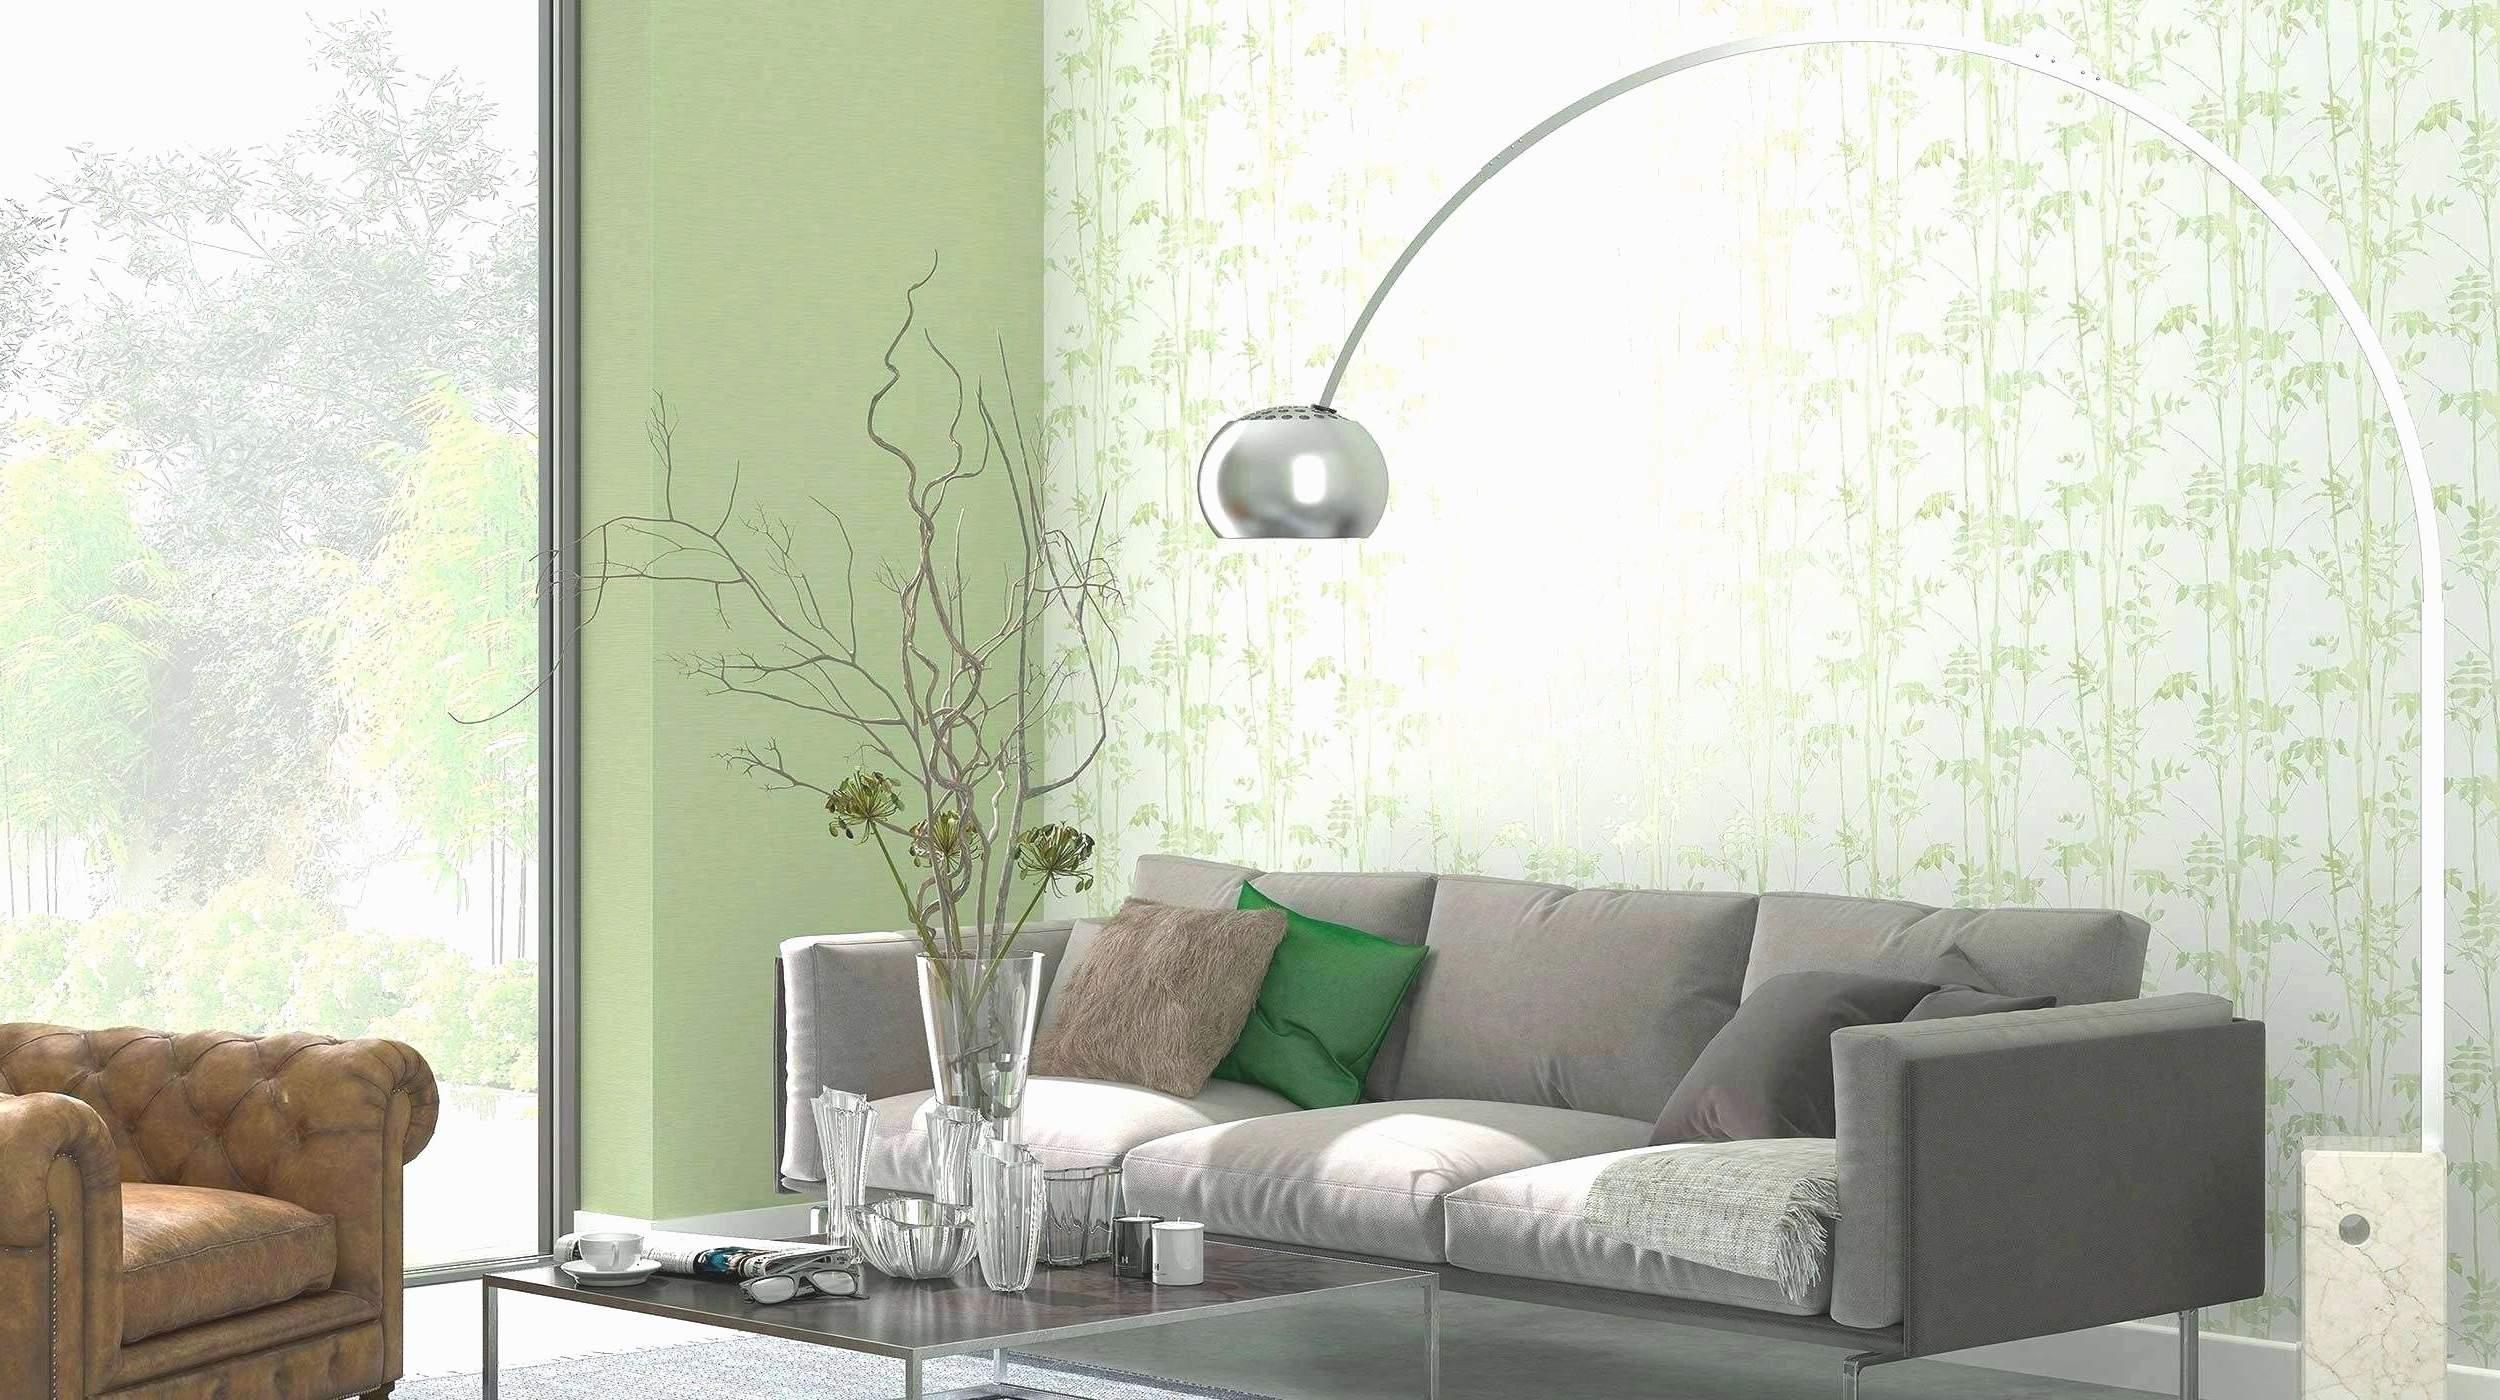 glas deko garten deko ideen diy wunderbar regal schlafzimmer 0d fur design 073u of wanddeko ideen wohnzimmer